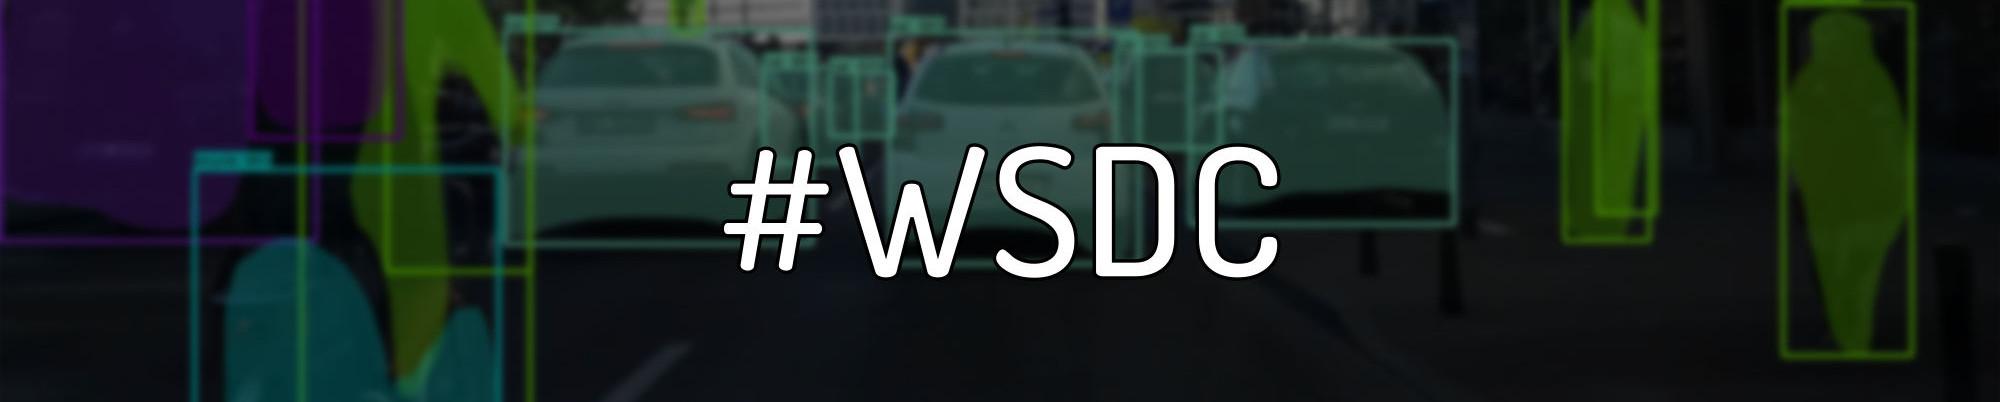 Meetup WSDC